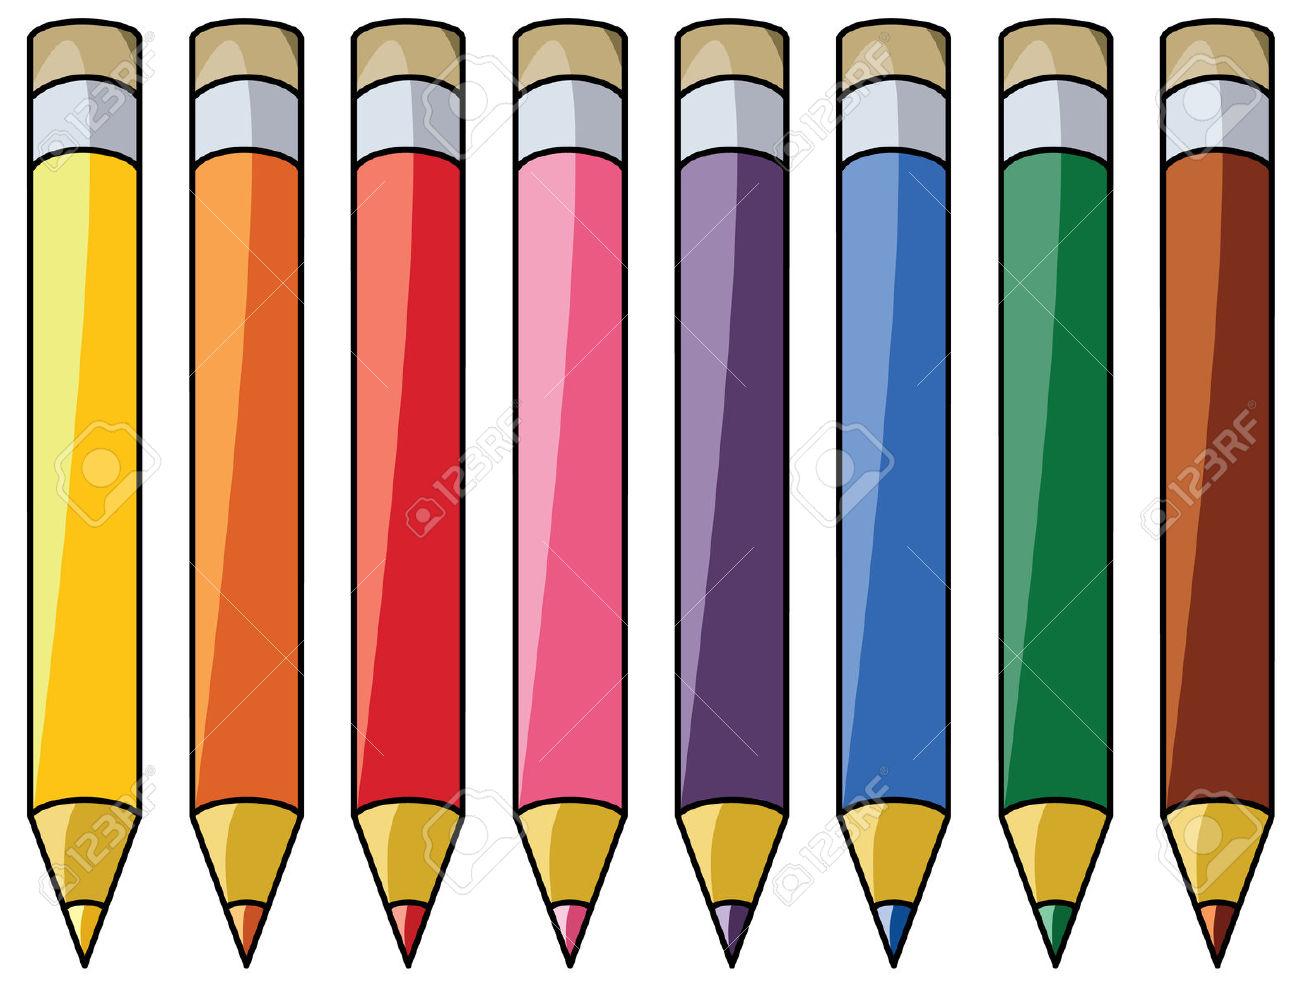 Imágenes Prediseñadas De Lápices De Colores Ilustraciones.